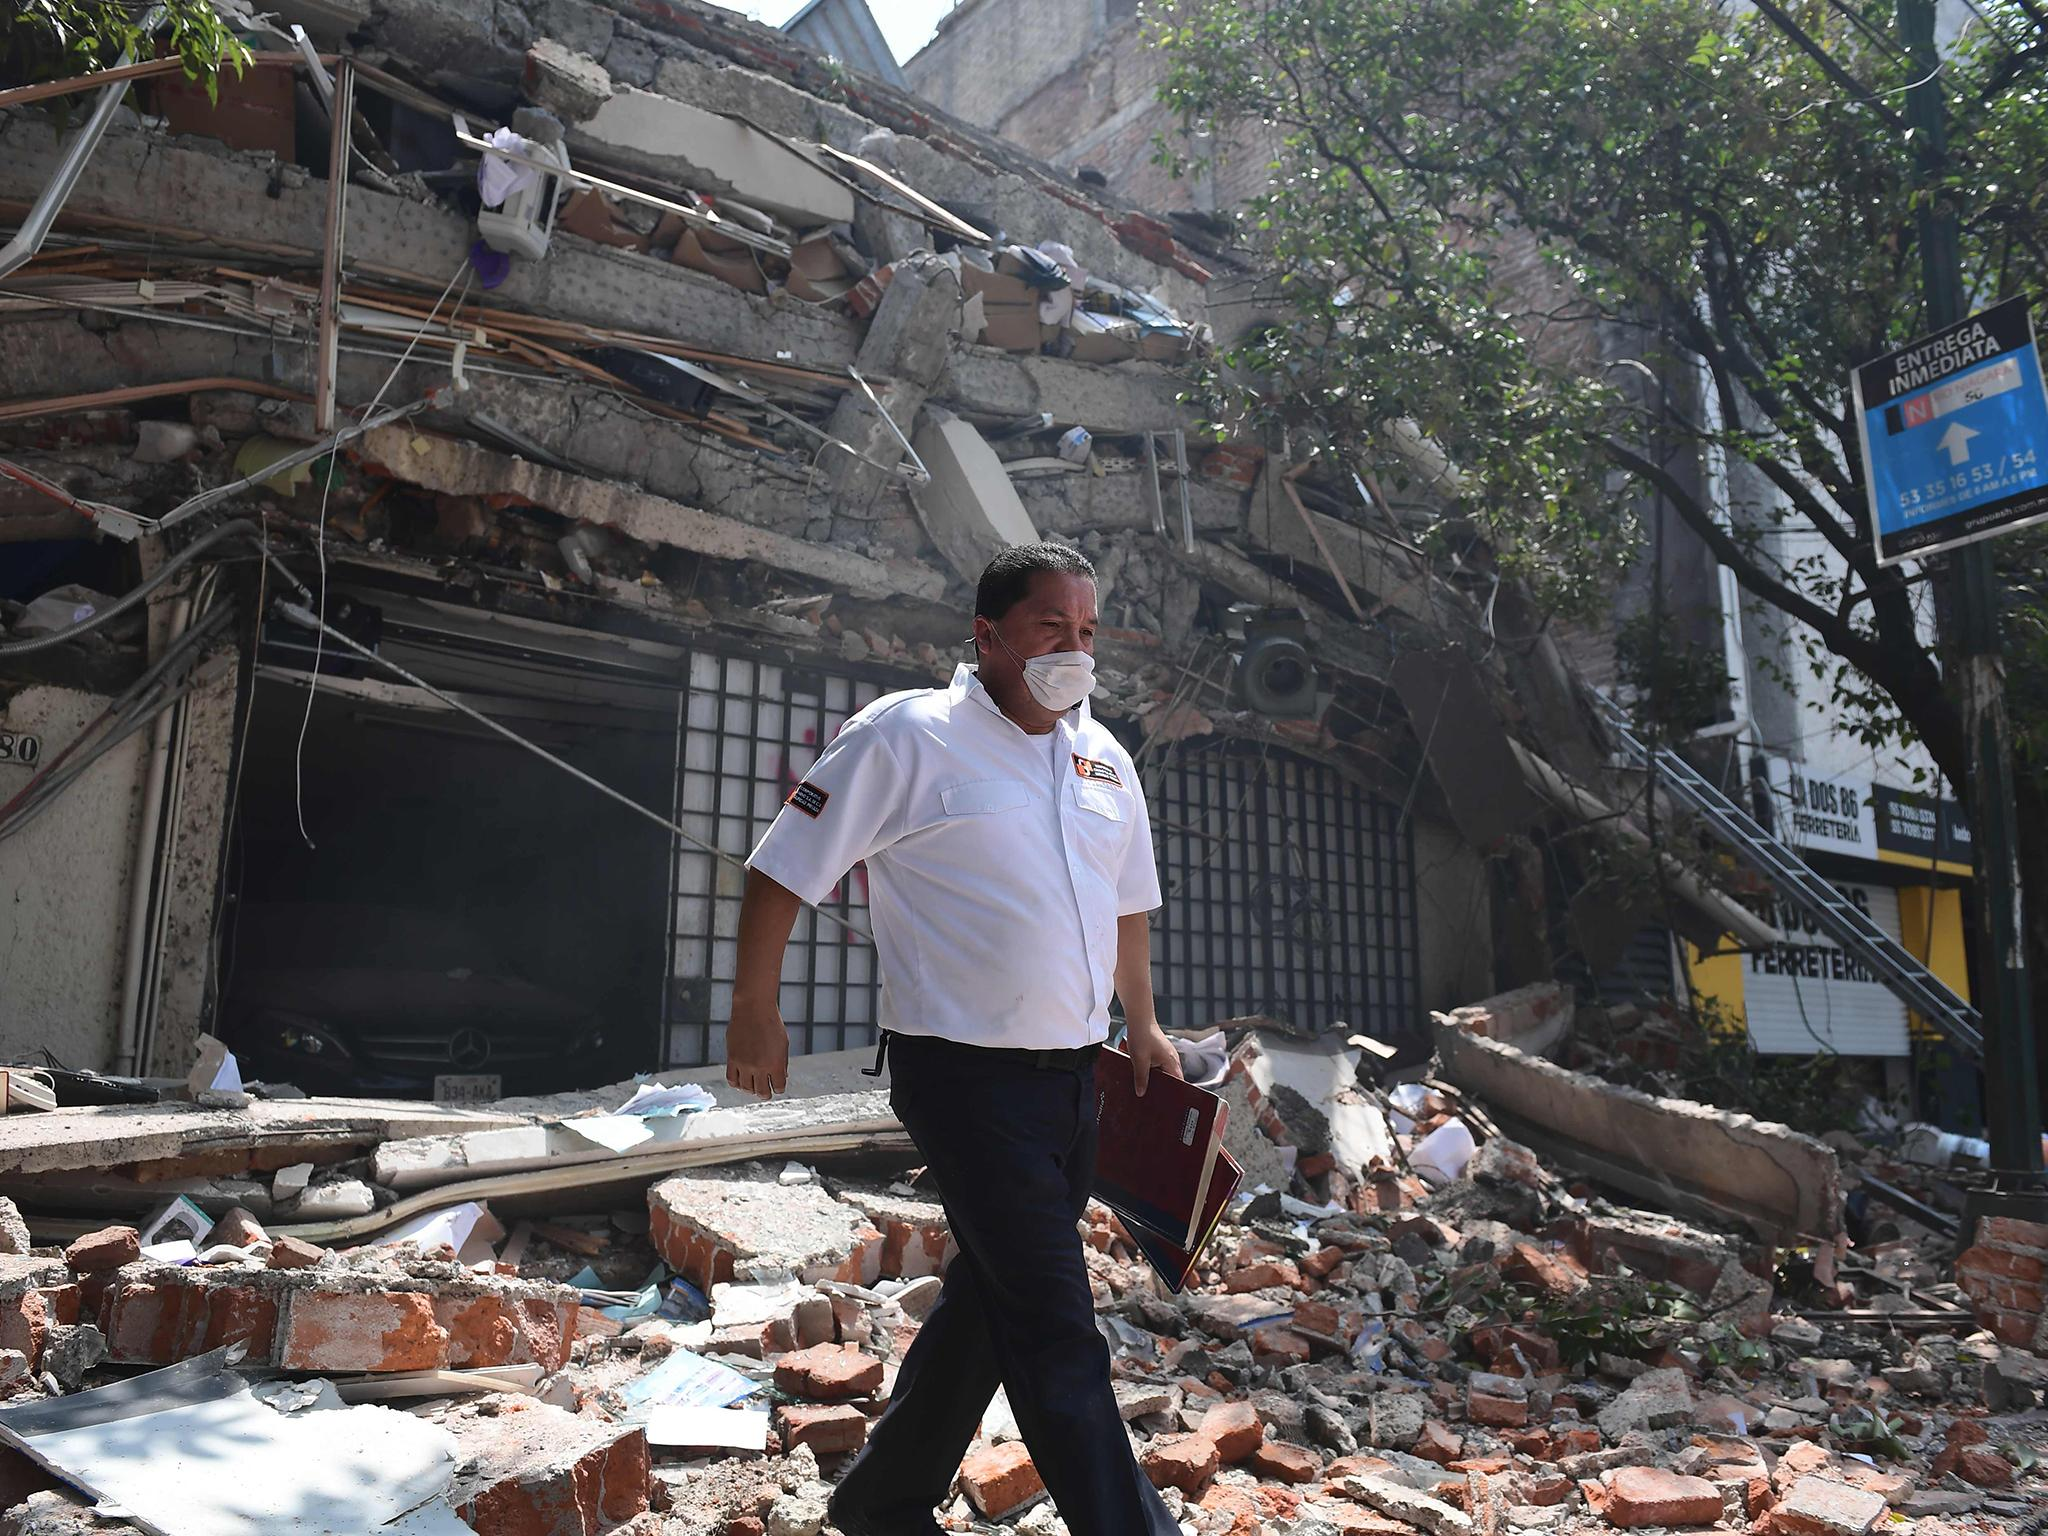 Mexico City earthquake: Salma Hayek donates $100,000 to